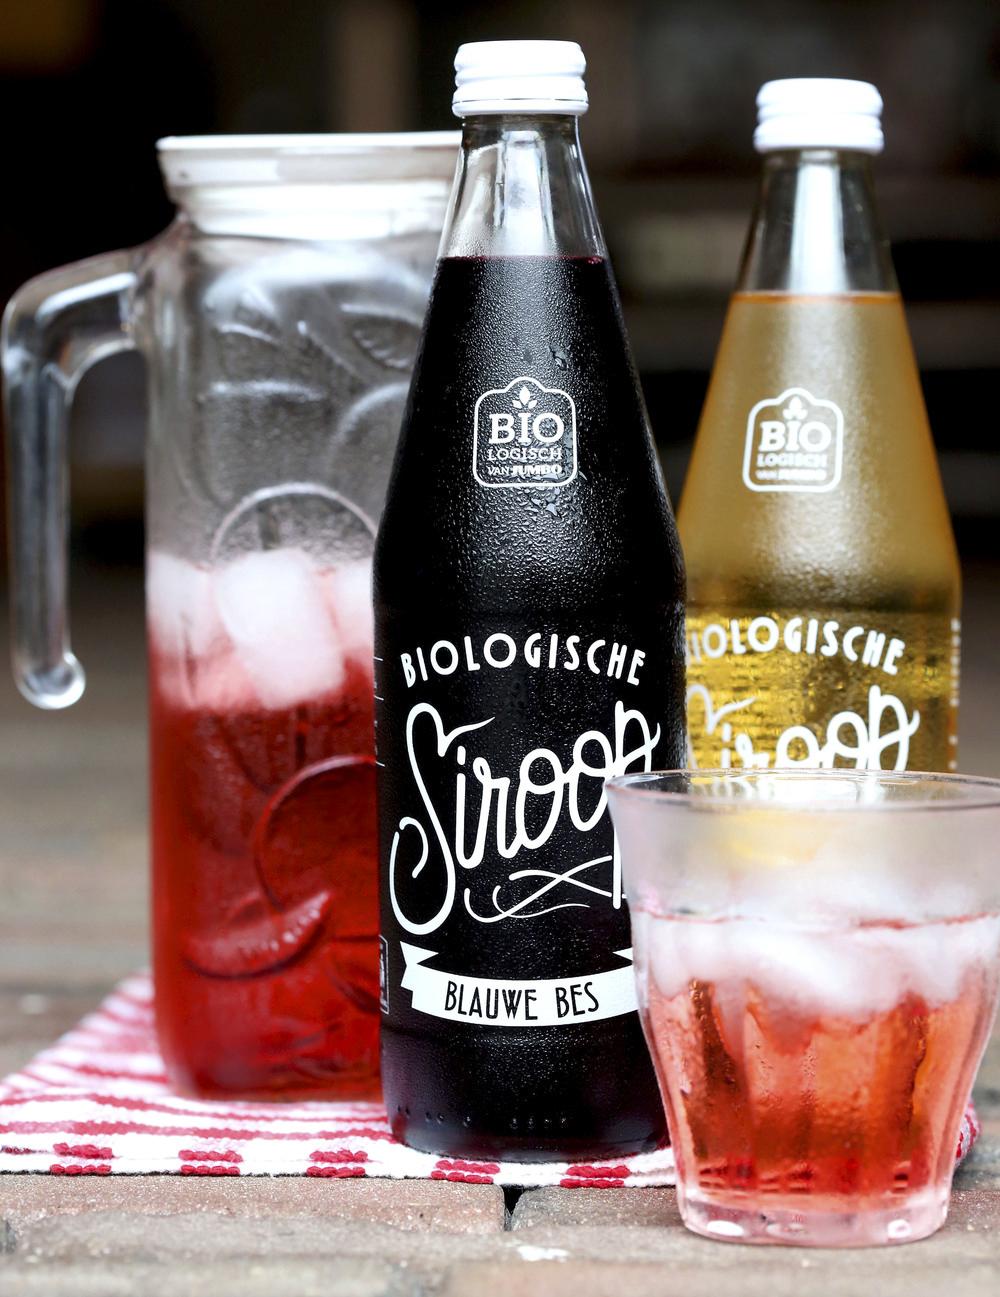 En este ejemplo, tanto el diseño gráfico como el diseño del envase de la botella tiene una clara inspiración vintage.